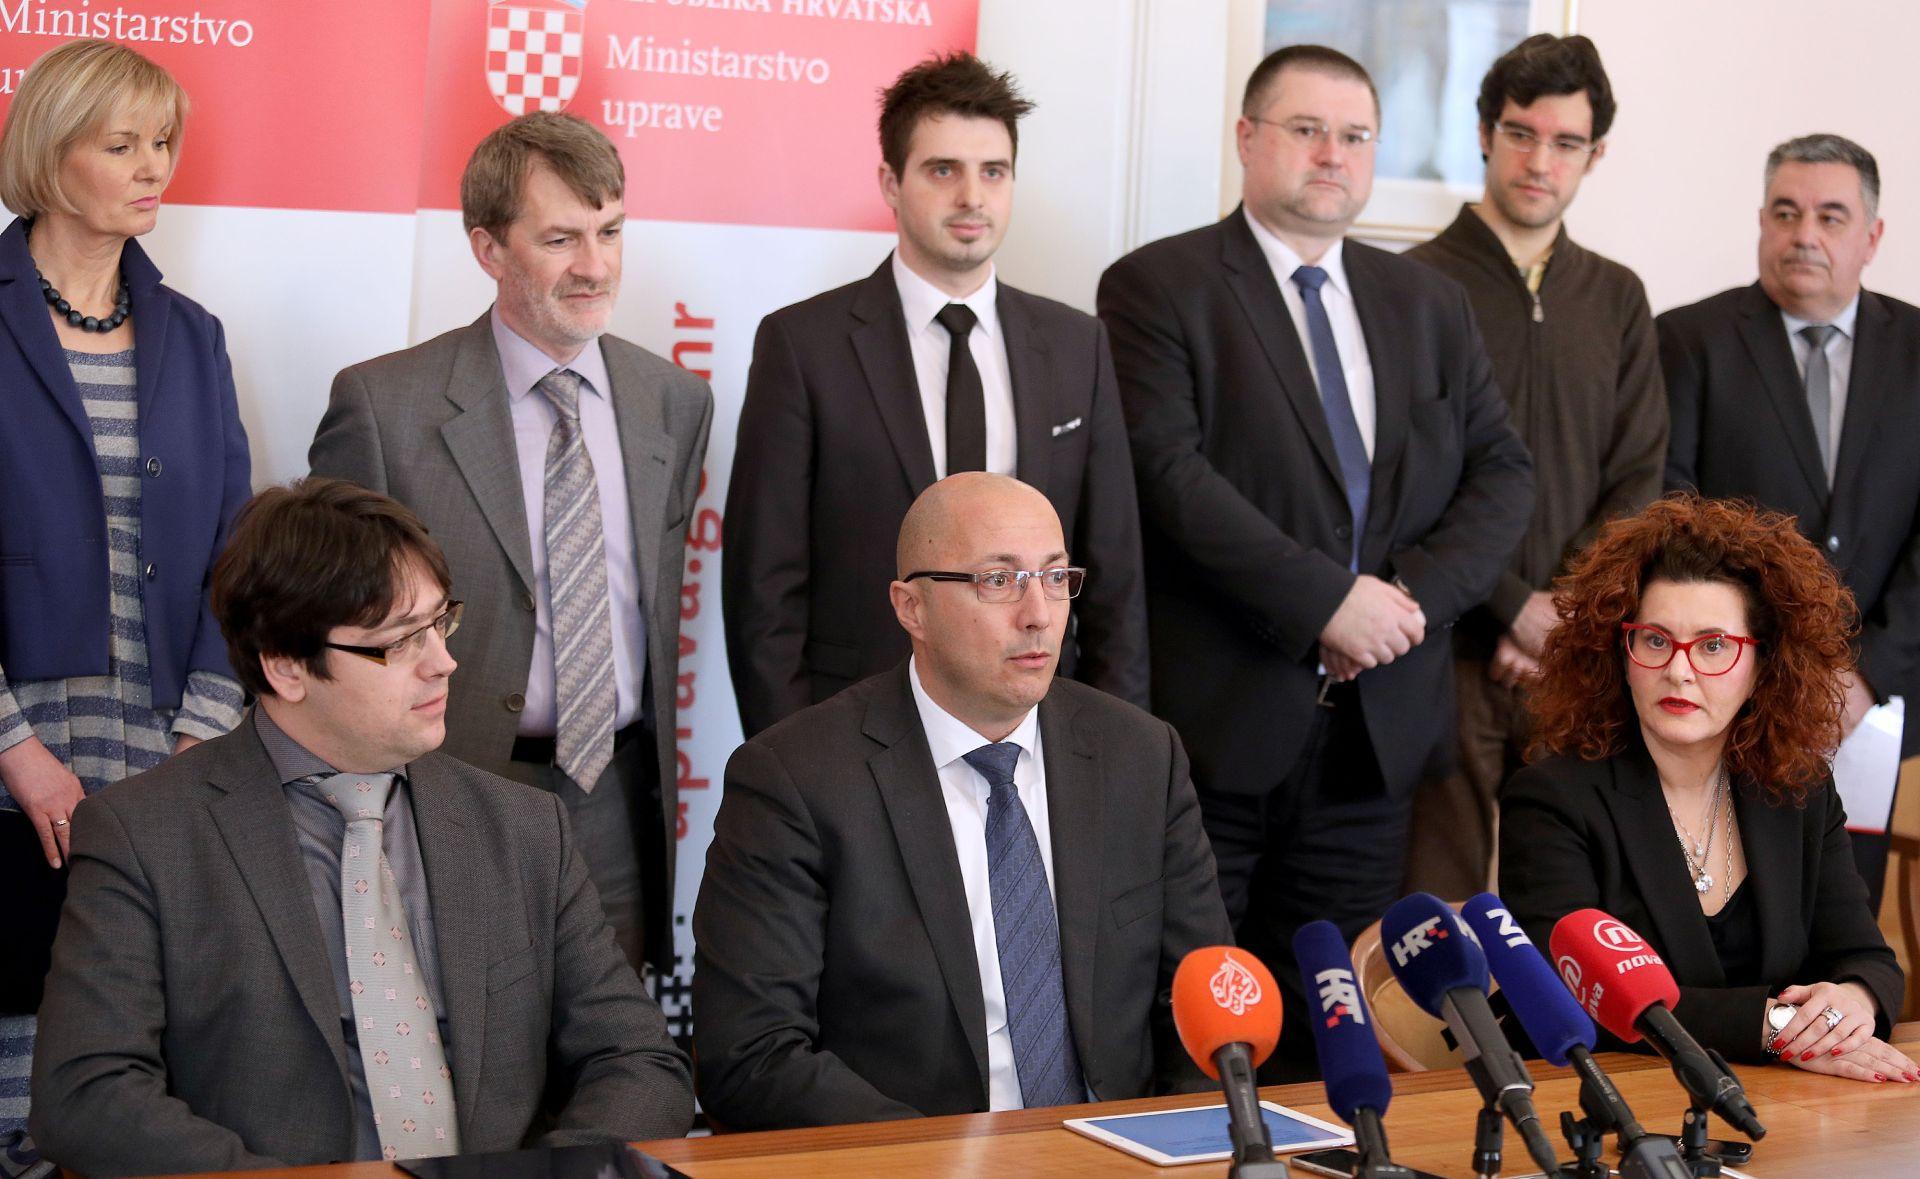 IVAN KOVAČIĆ 'Postoji potrebna politička volja za provođenje reforme javne uprave'